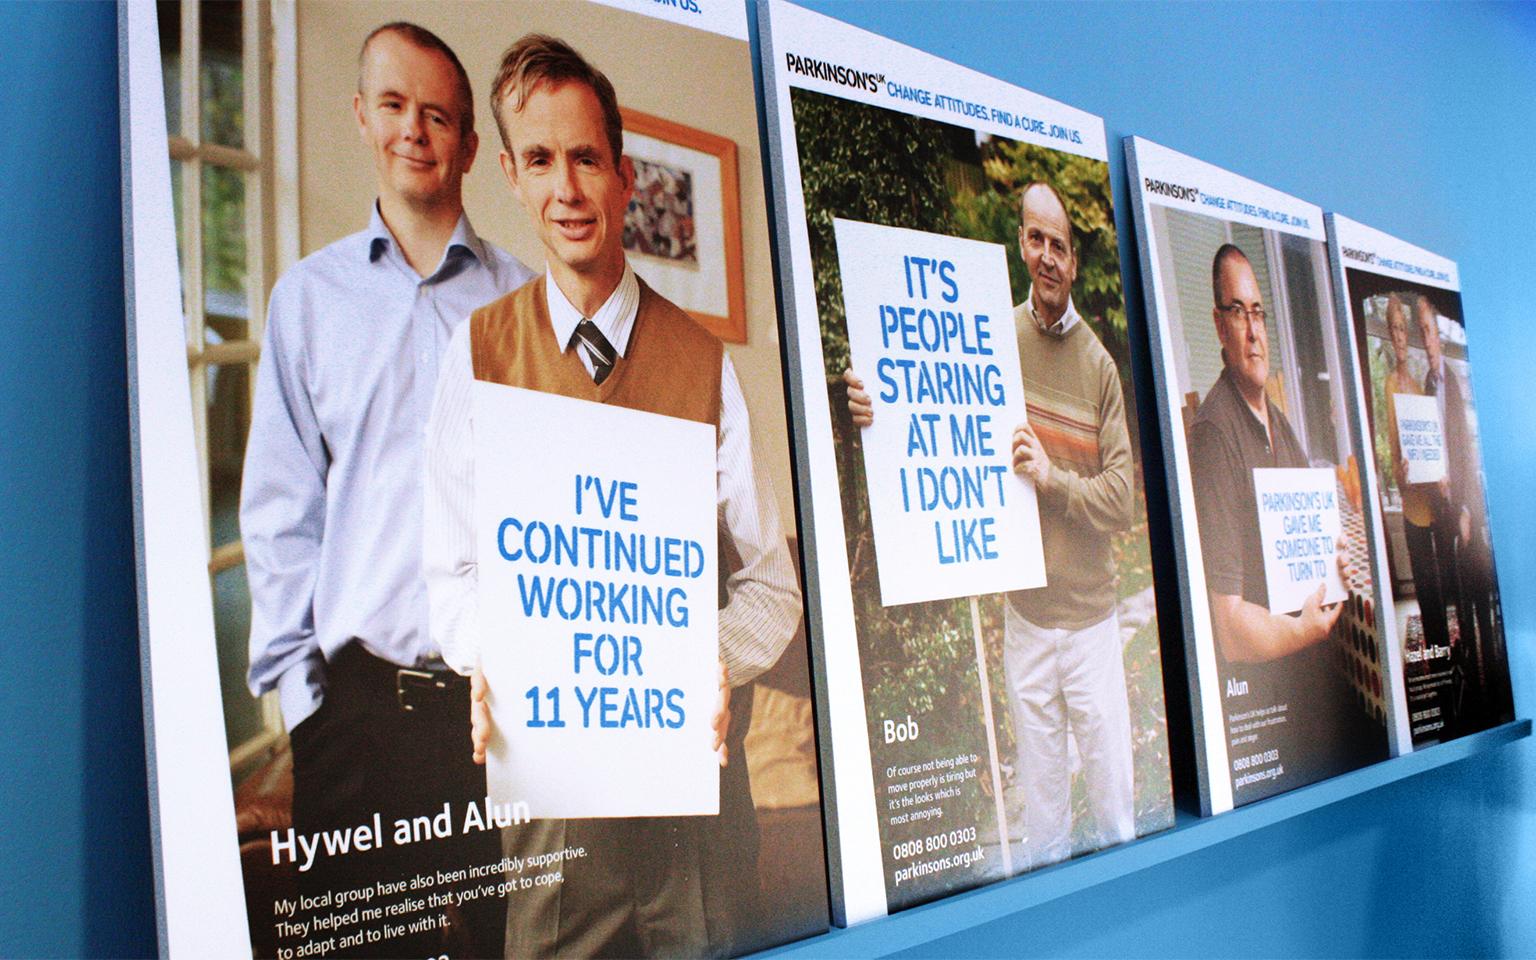 Parkinson's UK brochures